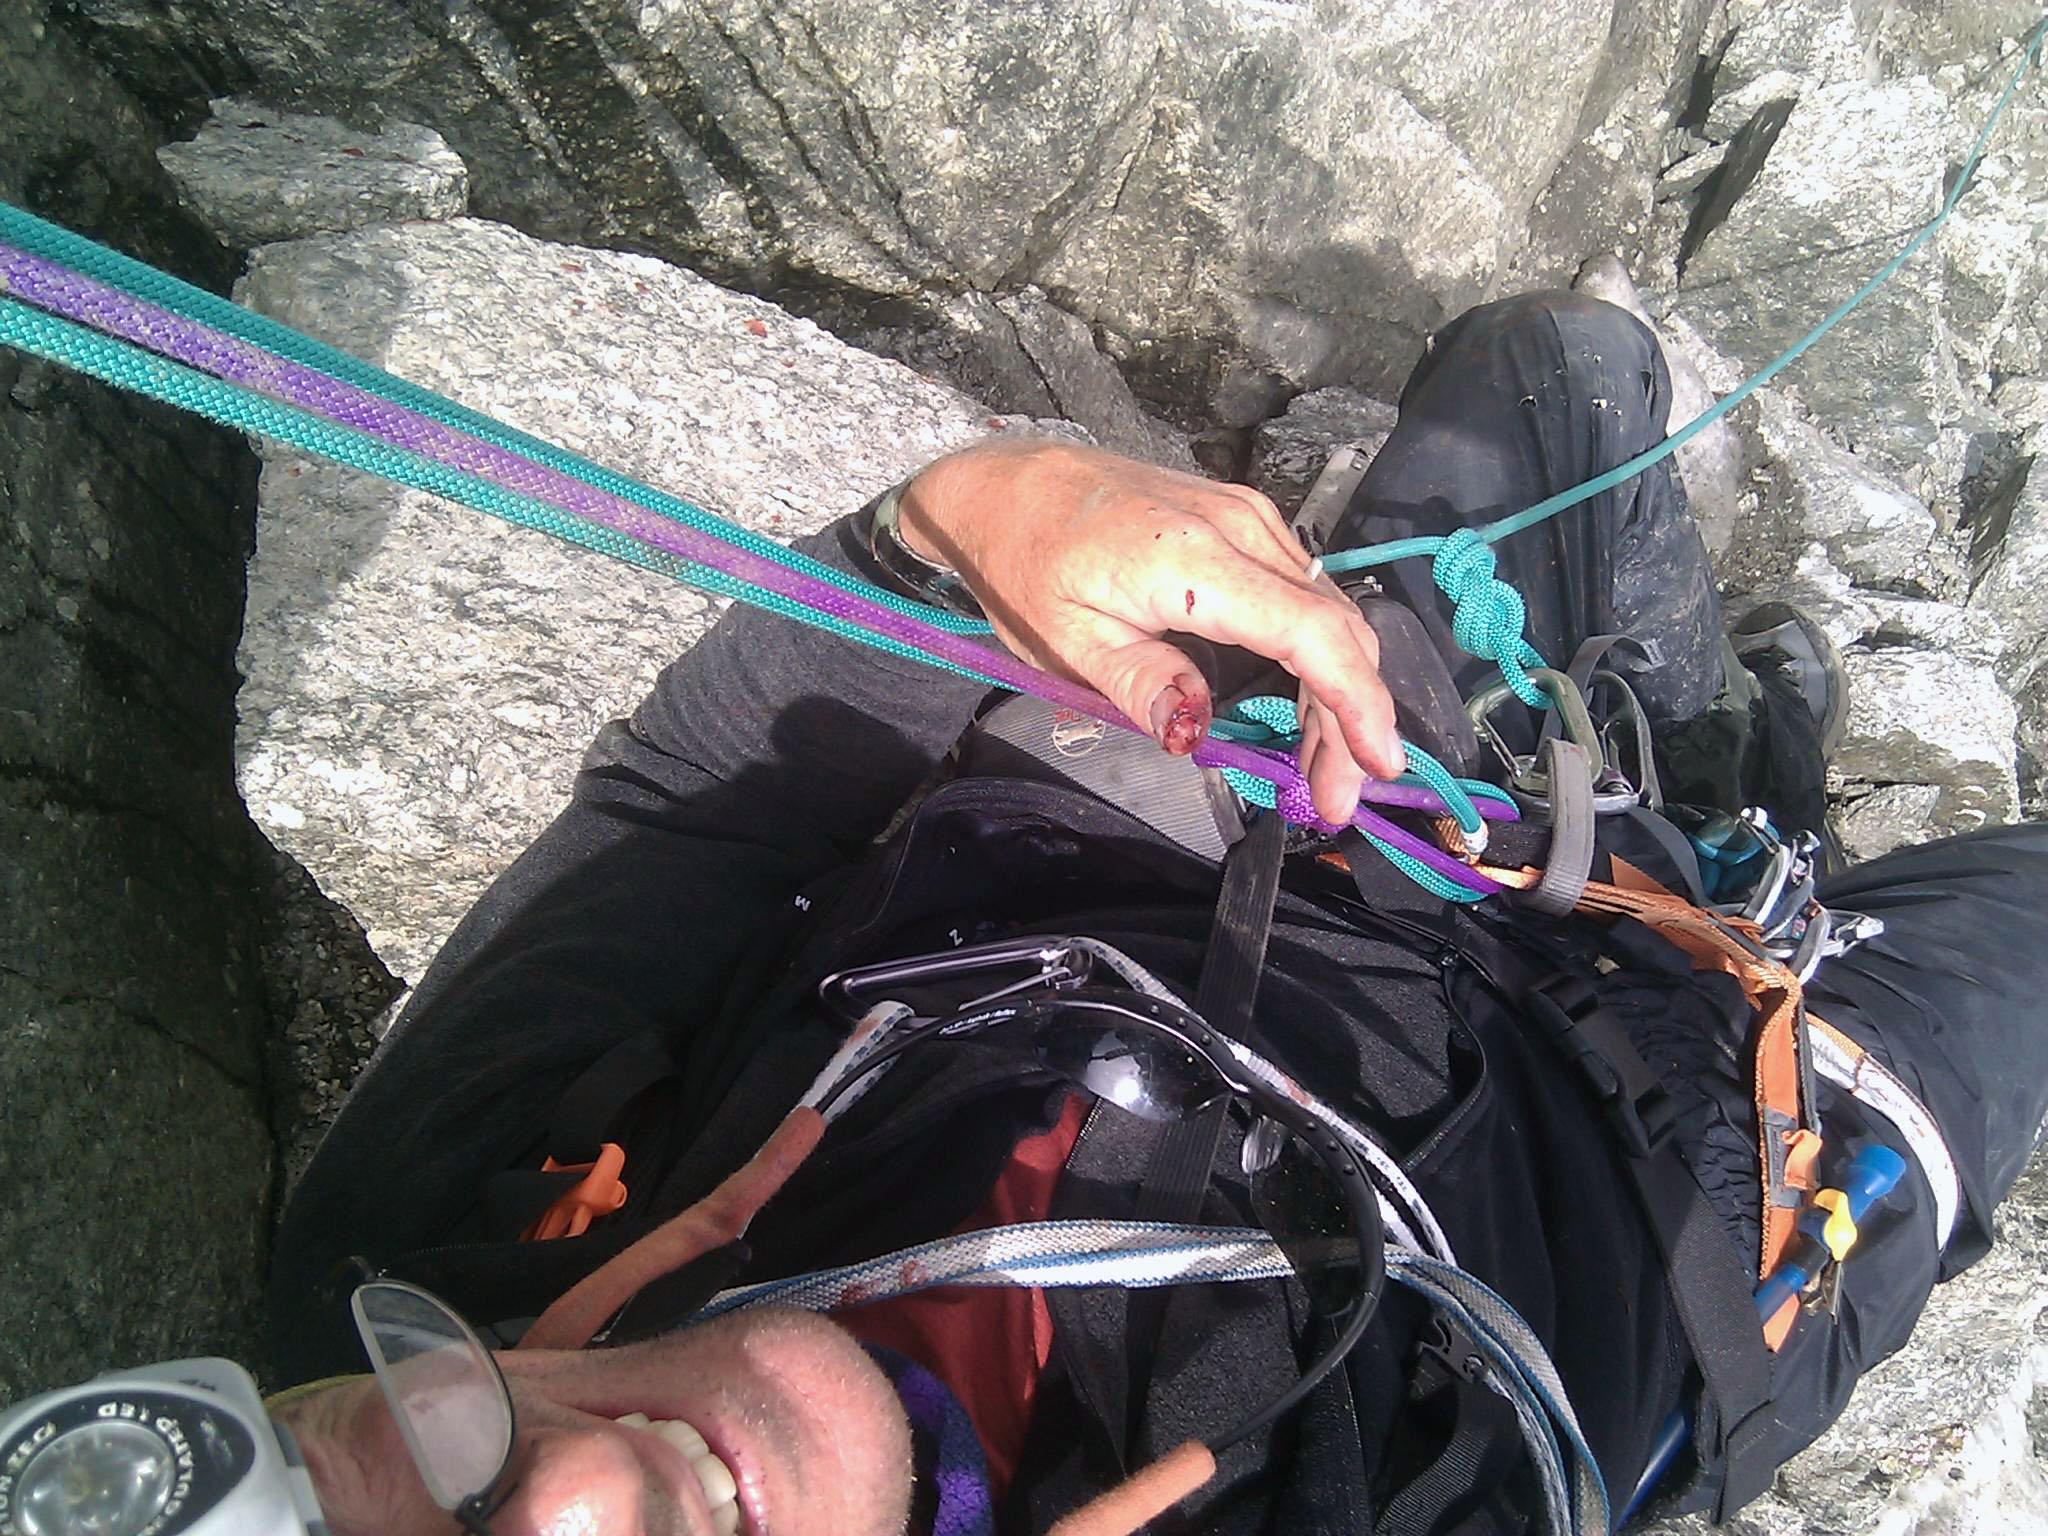 """1 de julho de 2010: """"Eu cai da corda. Esta tudo ok, mas possivelmente quebrei uma costela. Estou esperando o helicóptero de socorro."""""""